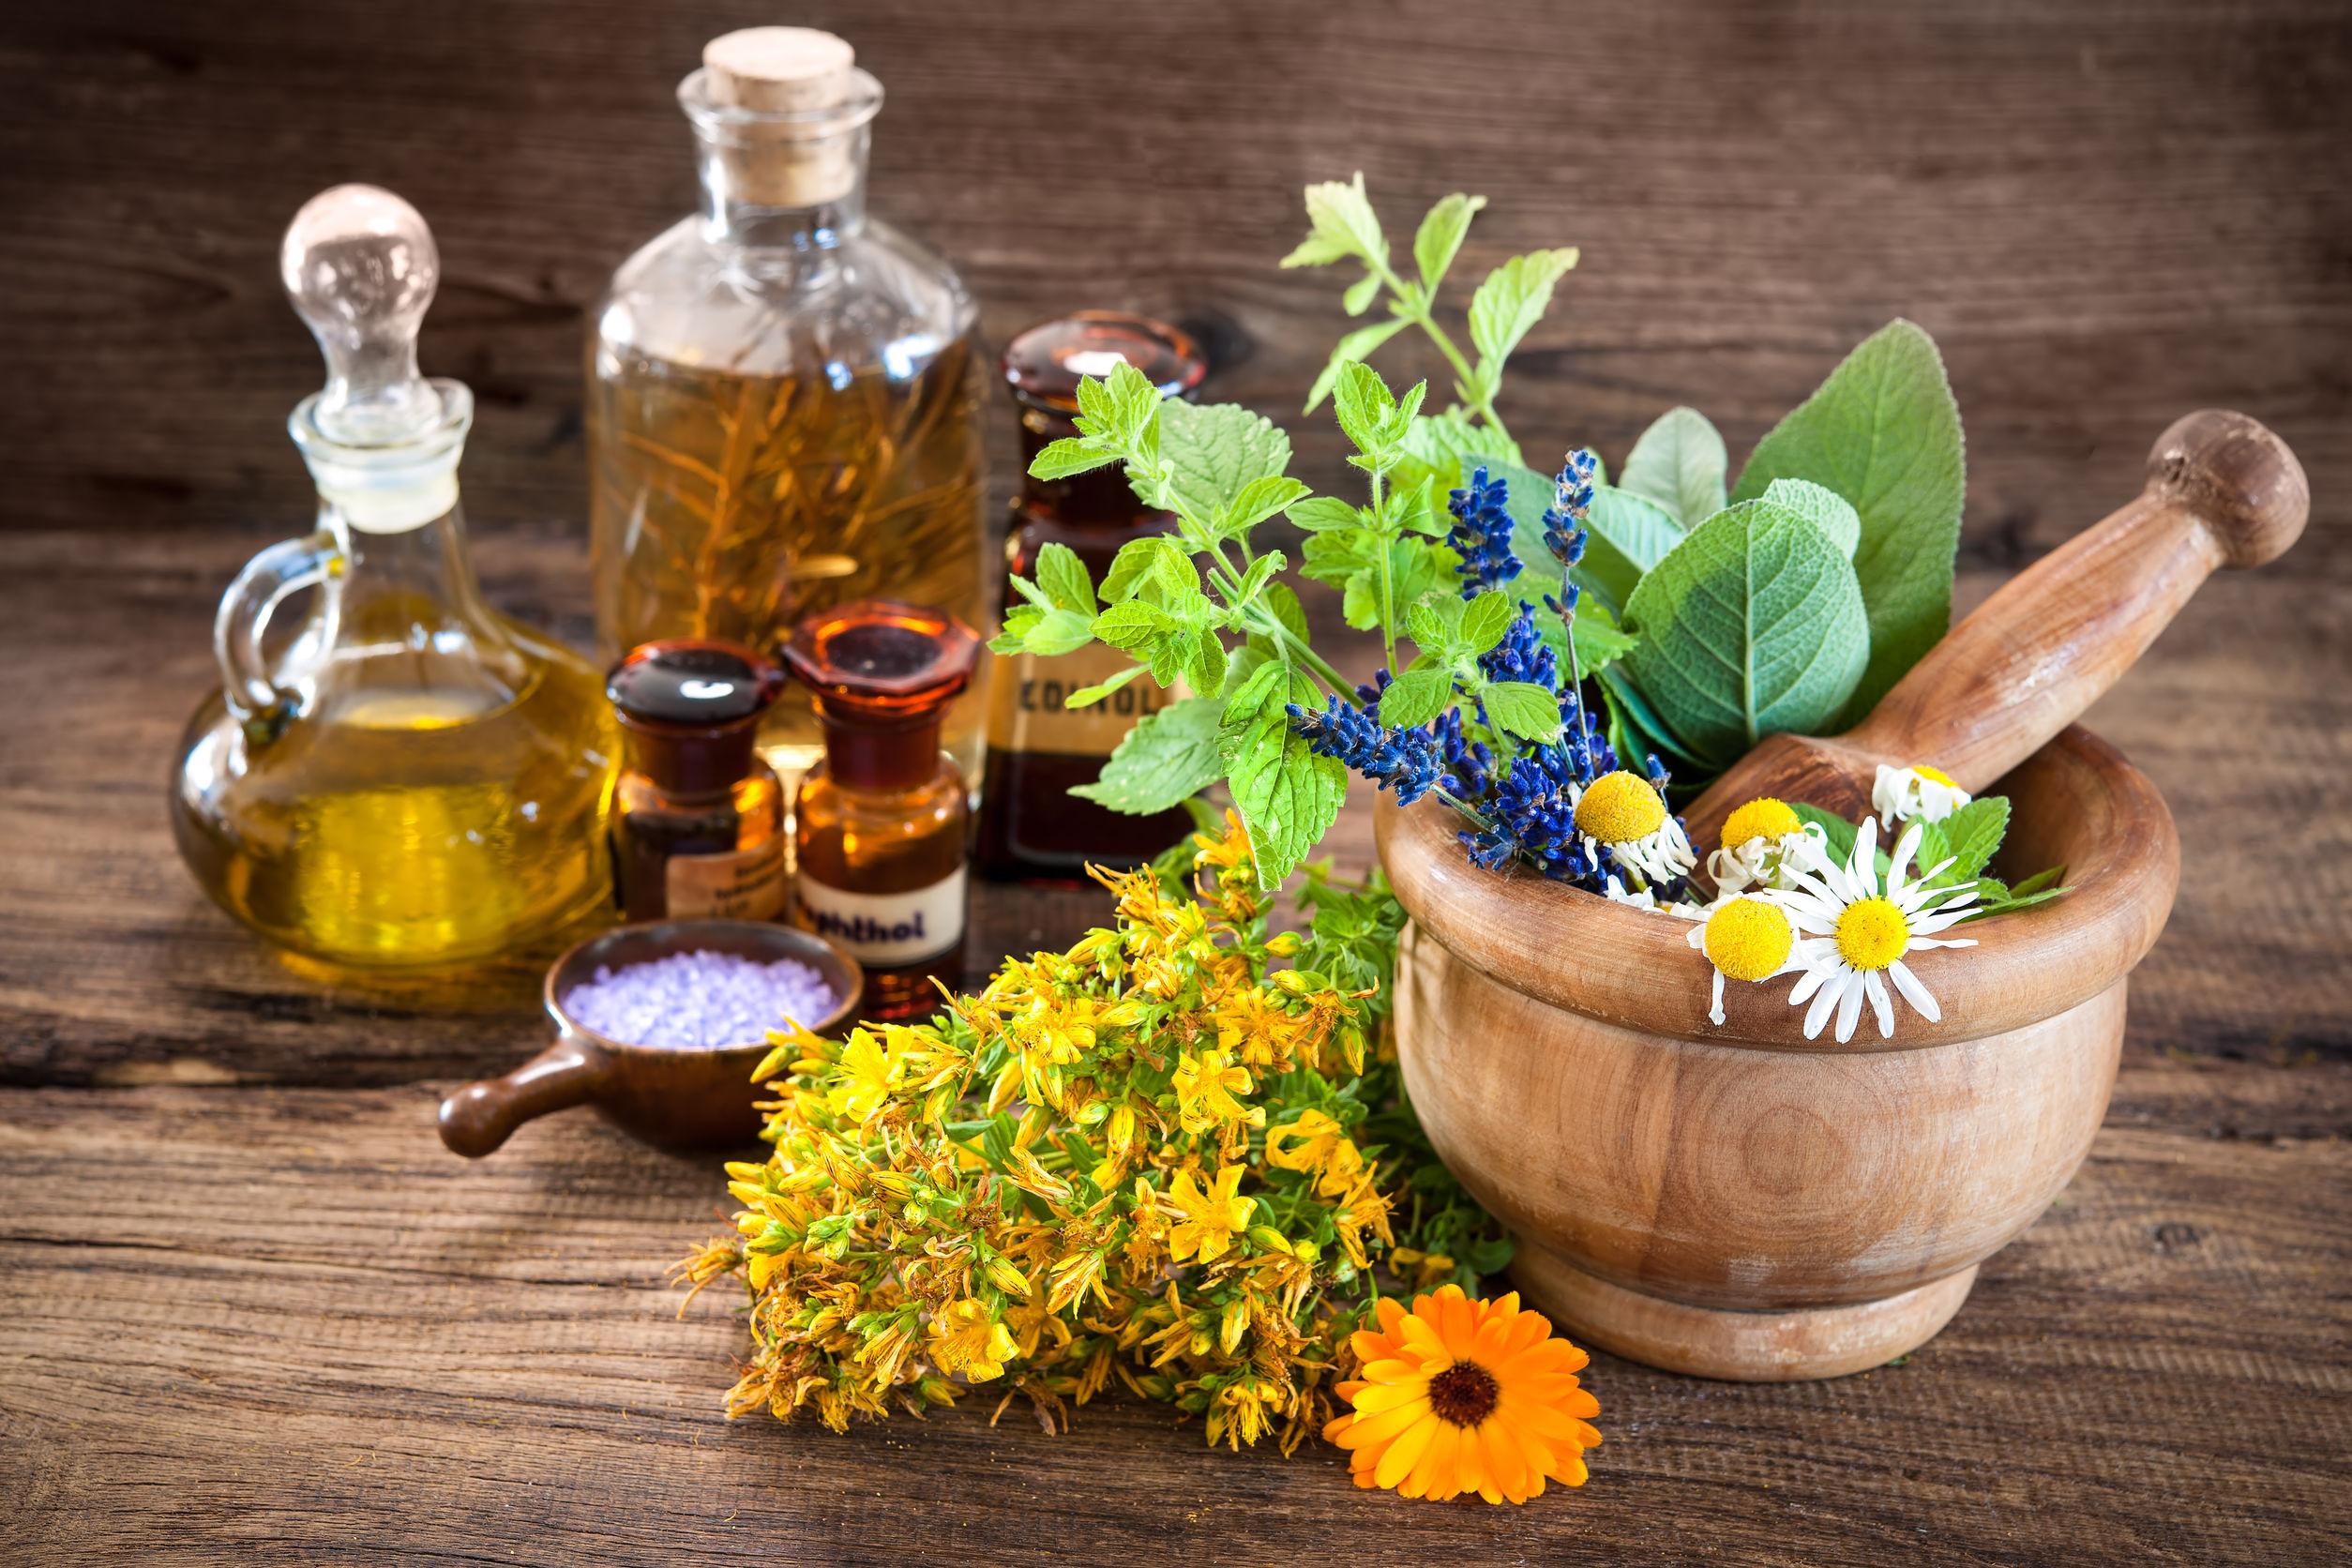 Co je to vlastně homeopatie?